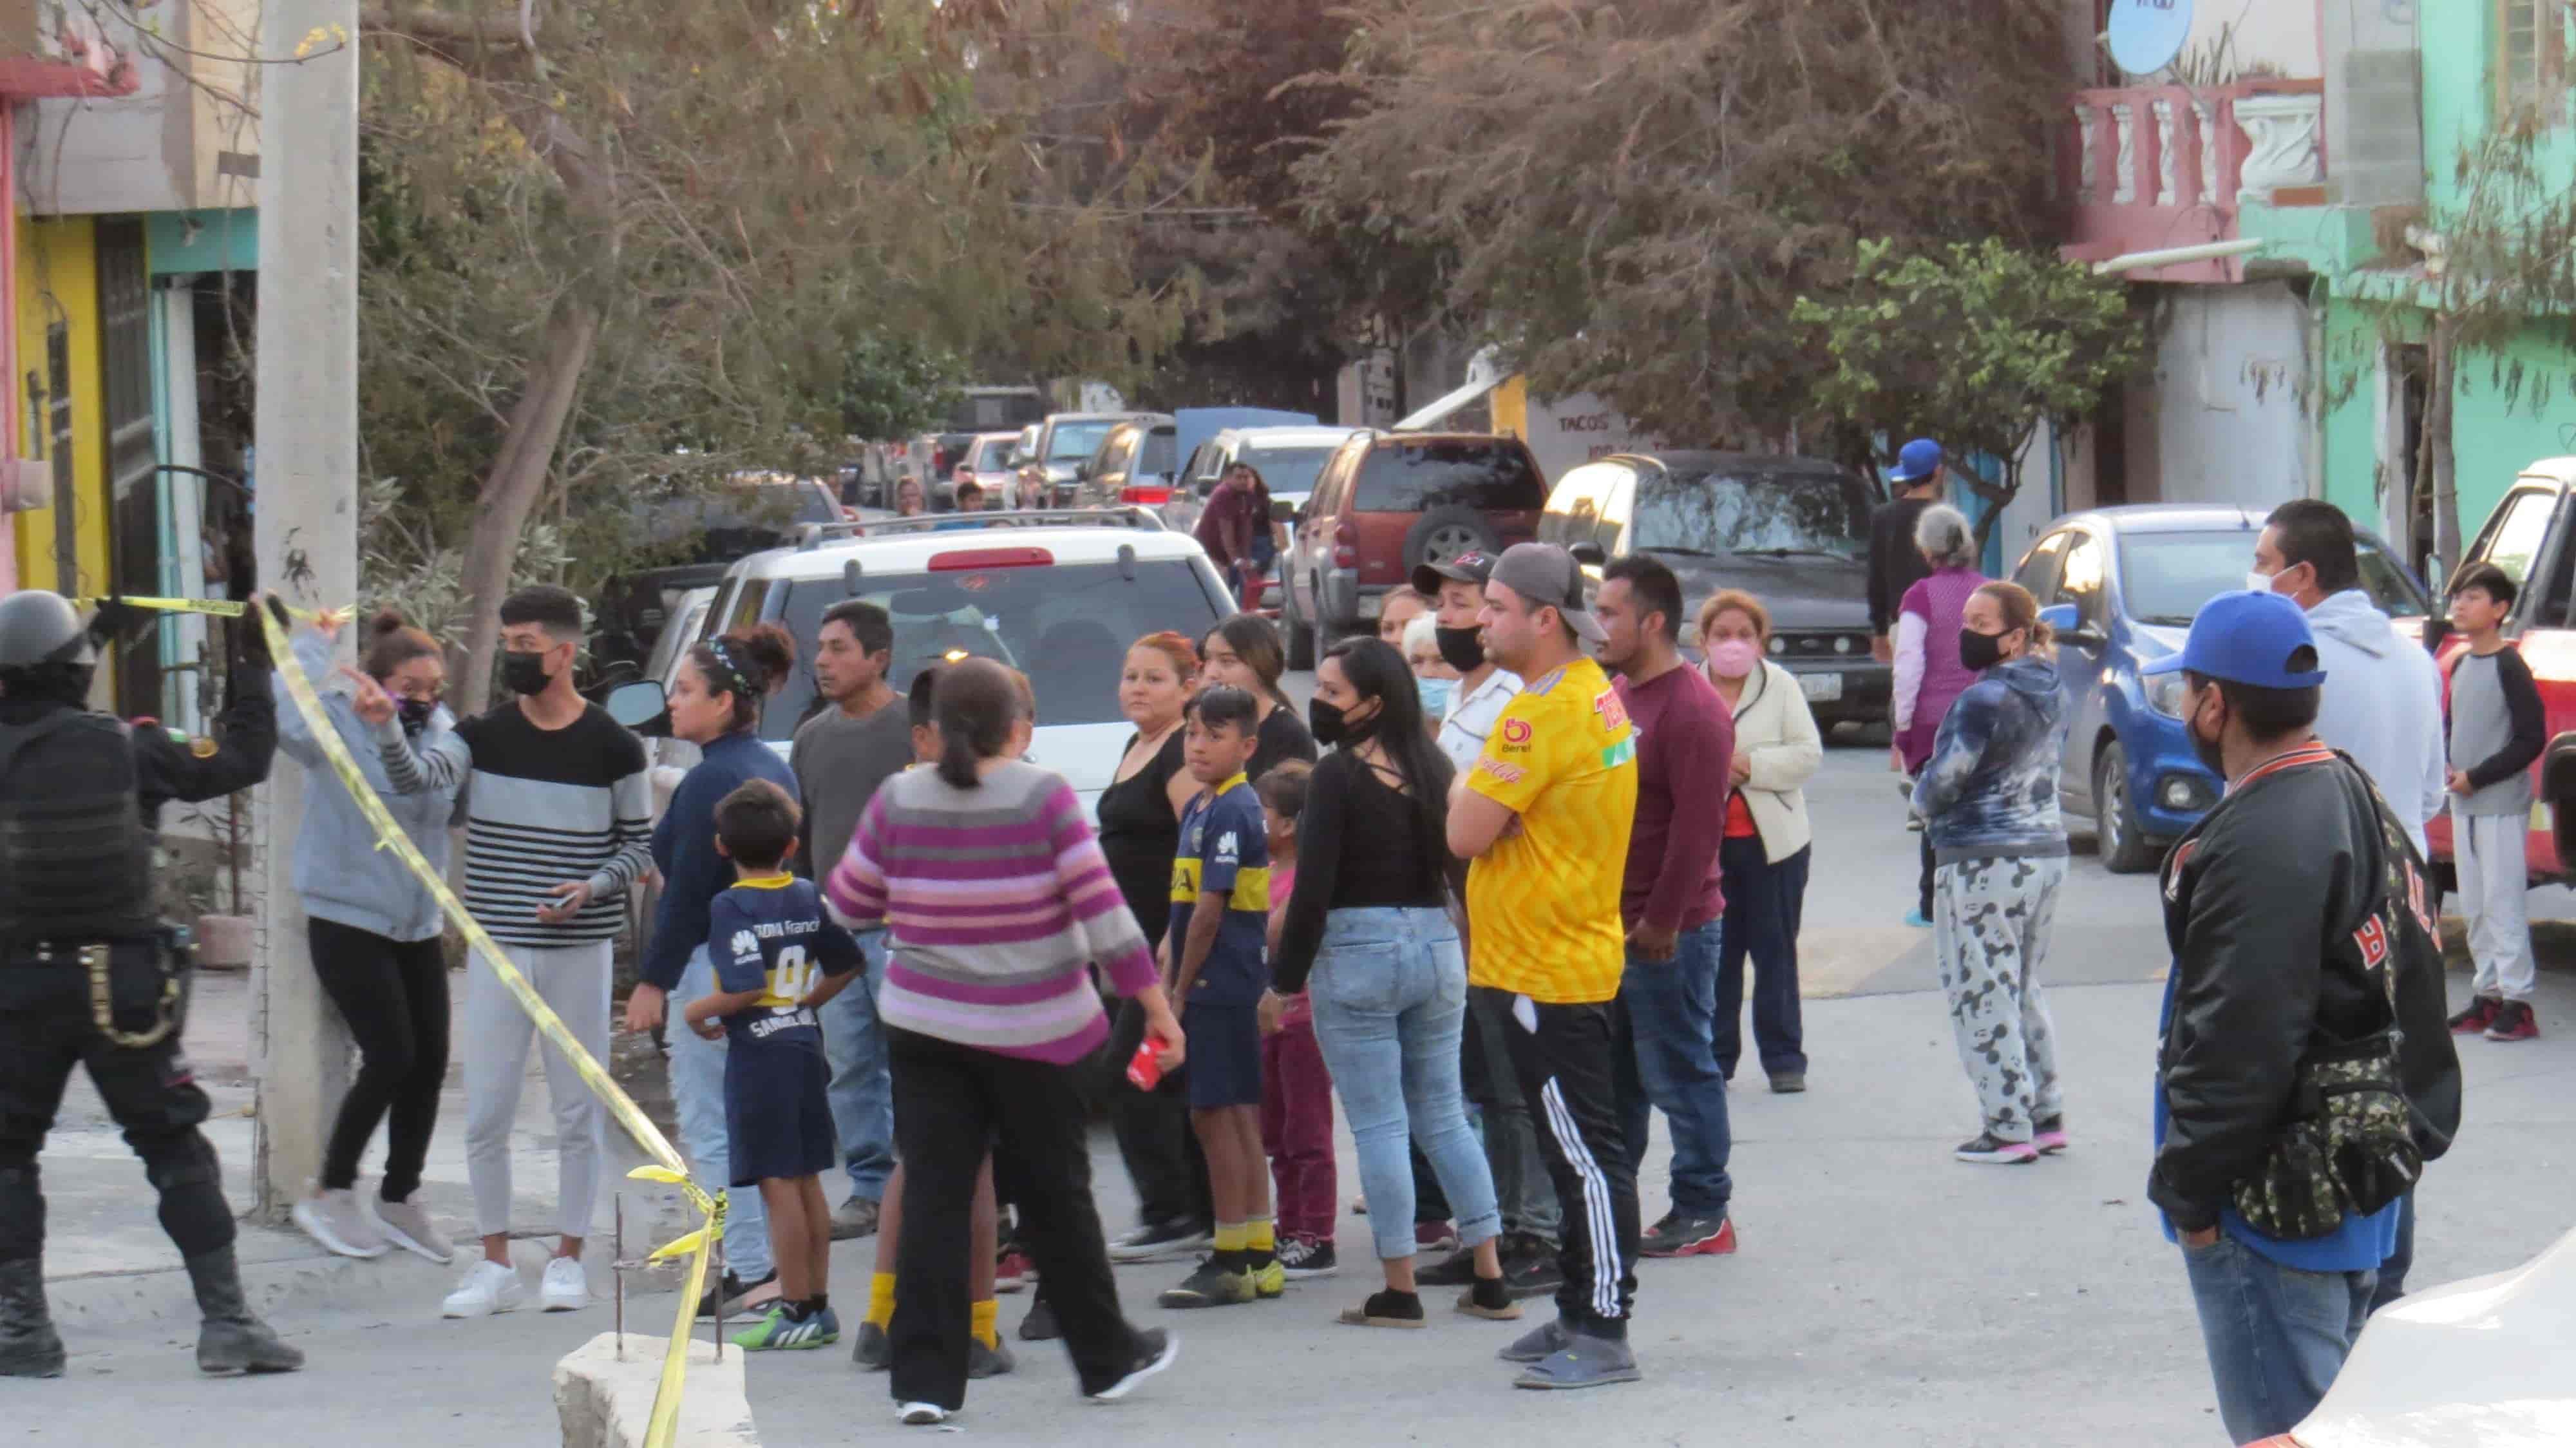 Se reportó la muerte de un hombre baleado el domingo frente a un domicilio en la Colonia Fomerrey 35